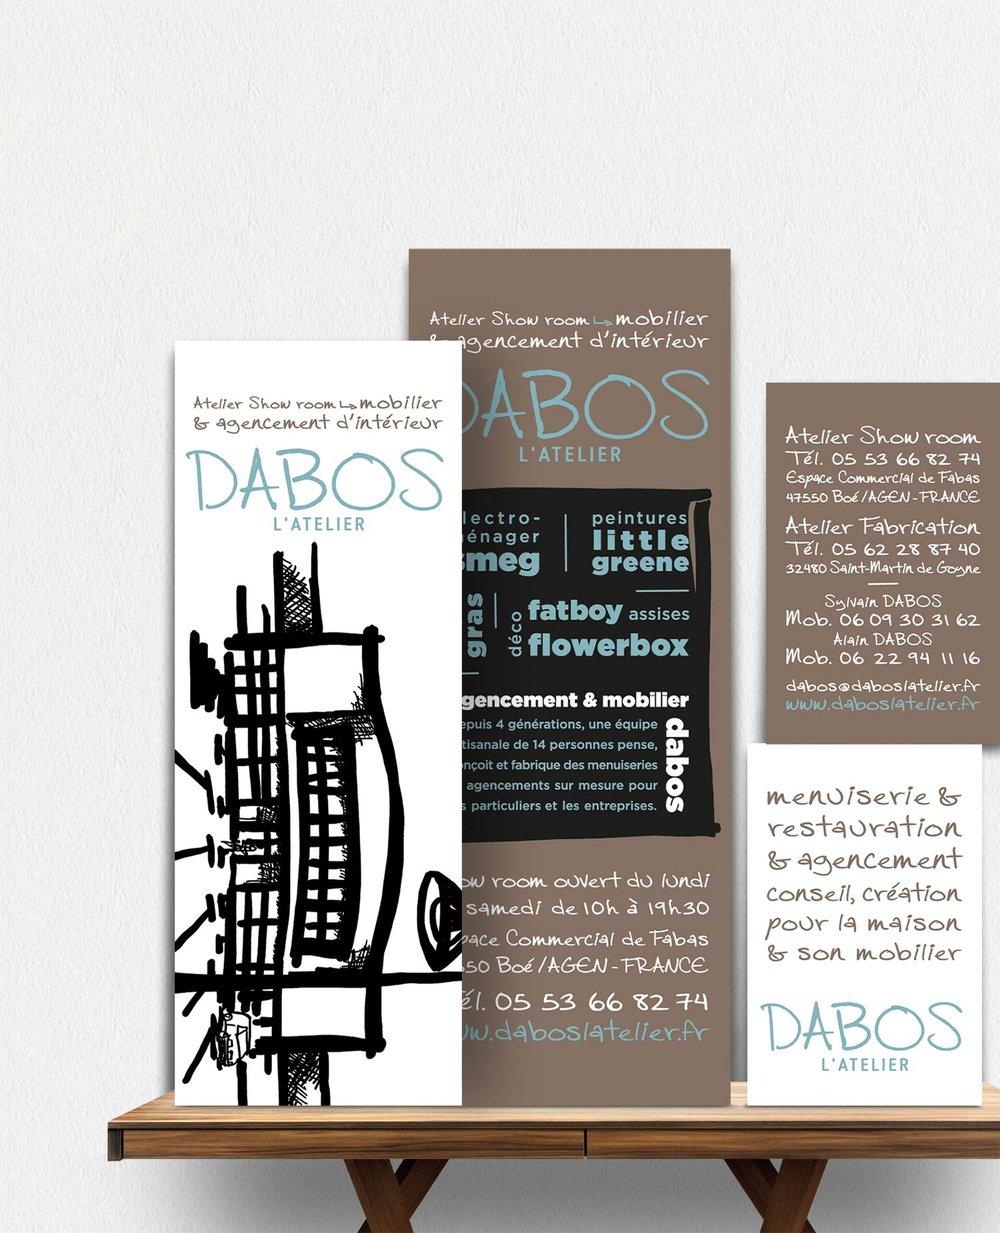 Identité menuiserie et agencement d'intérieur - Dabos l'atelier